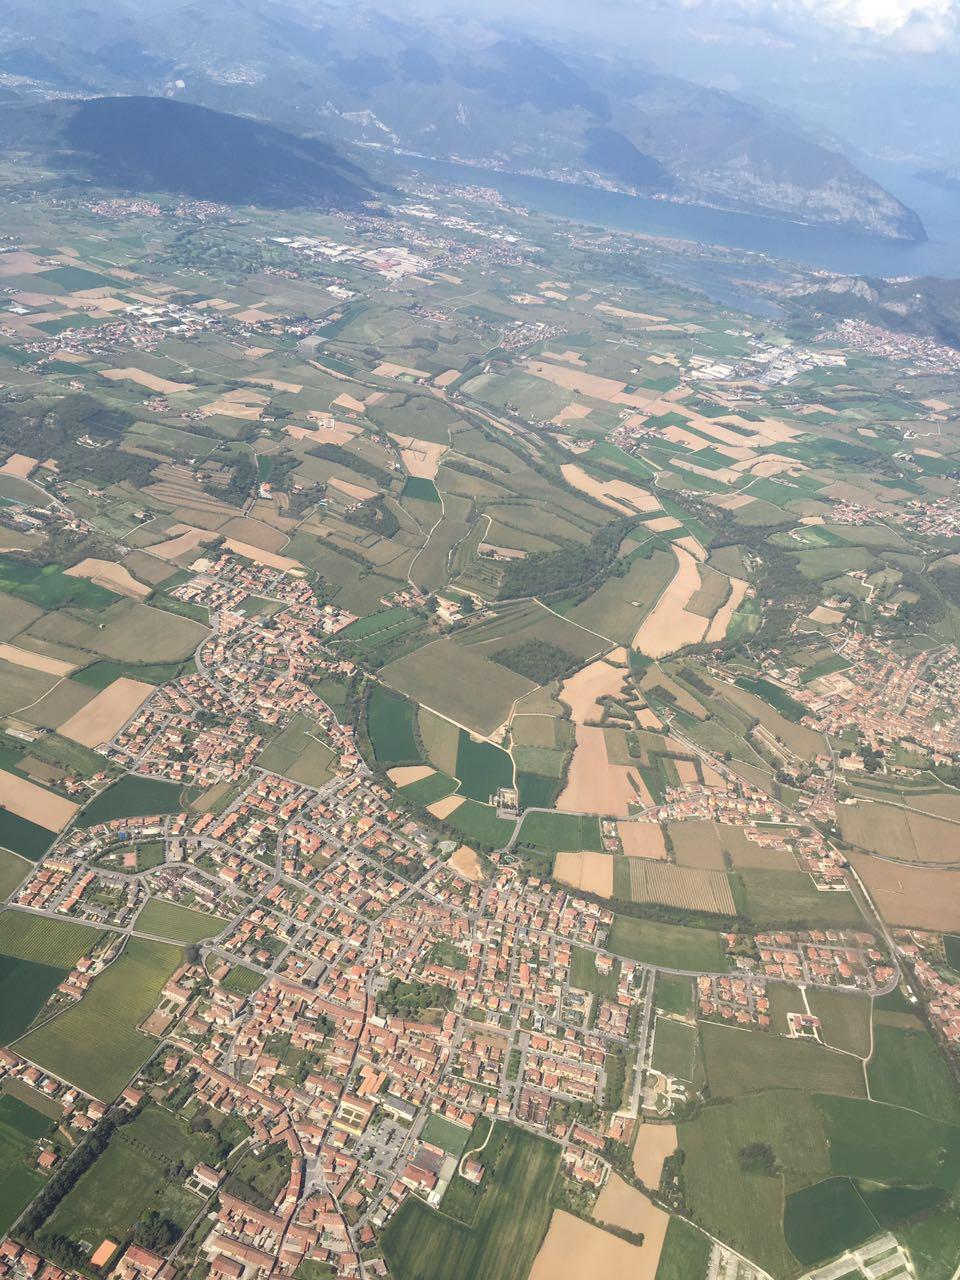 В полете над Италией после взлета из аэропорта Бергамо